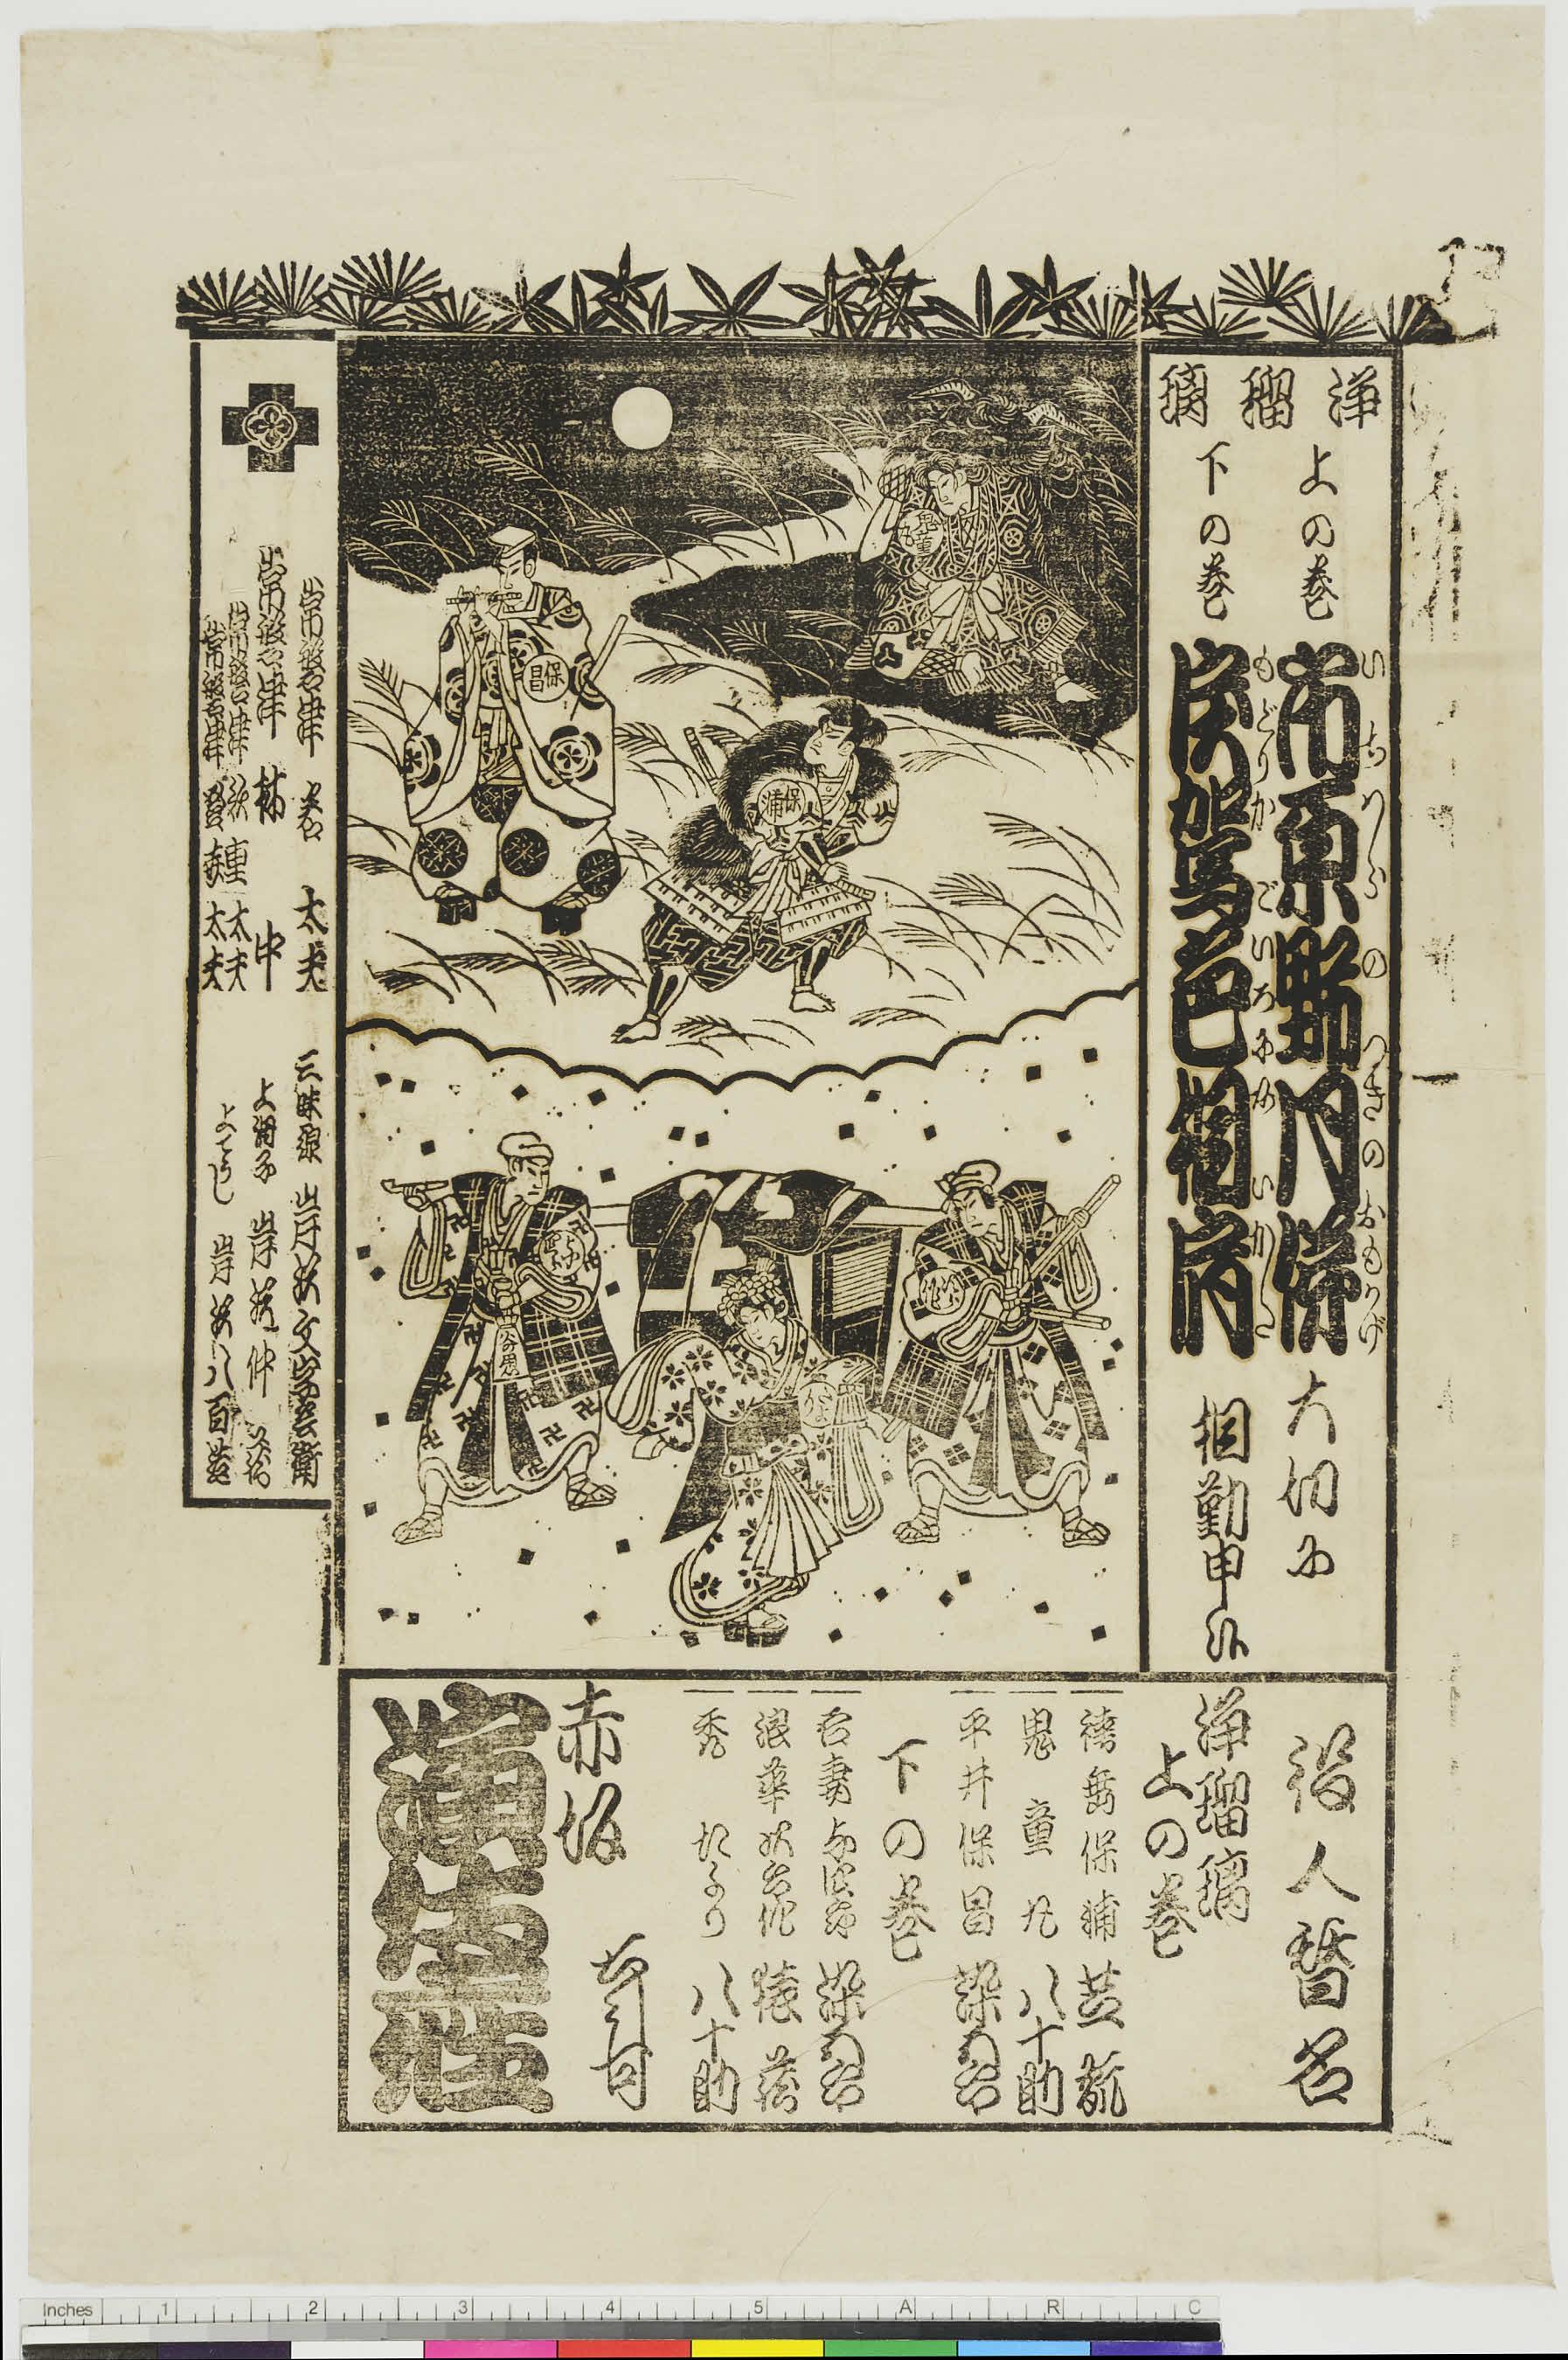 歌舞伎・浄瑠璃 ・新派等 日本芸能・演劇 上演年表